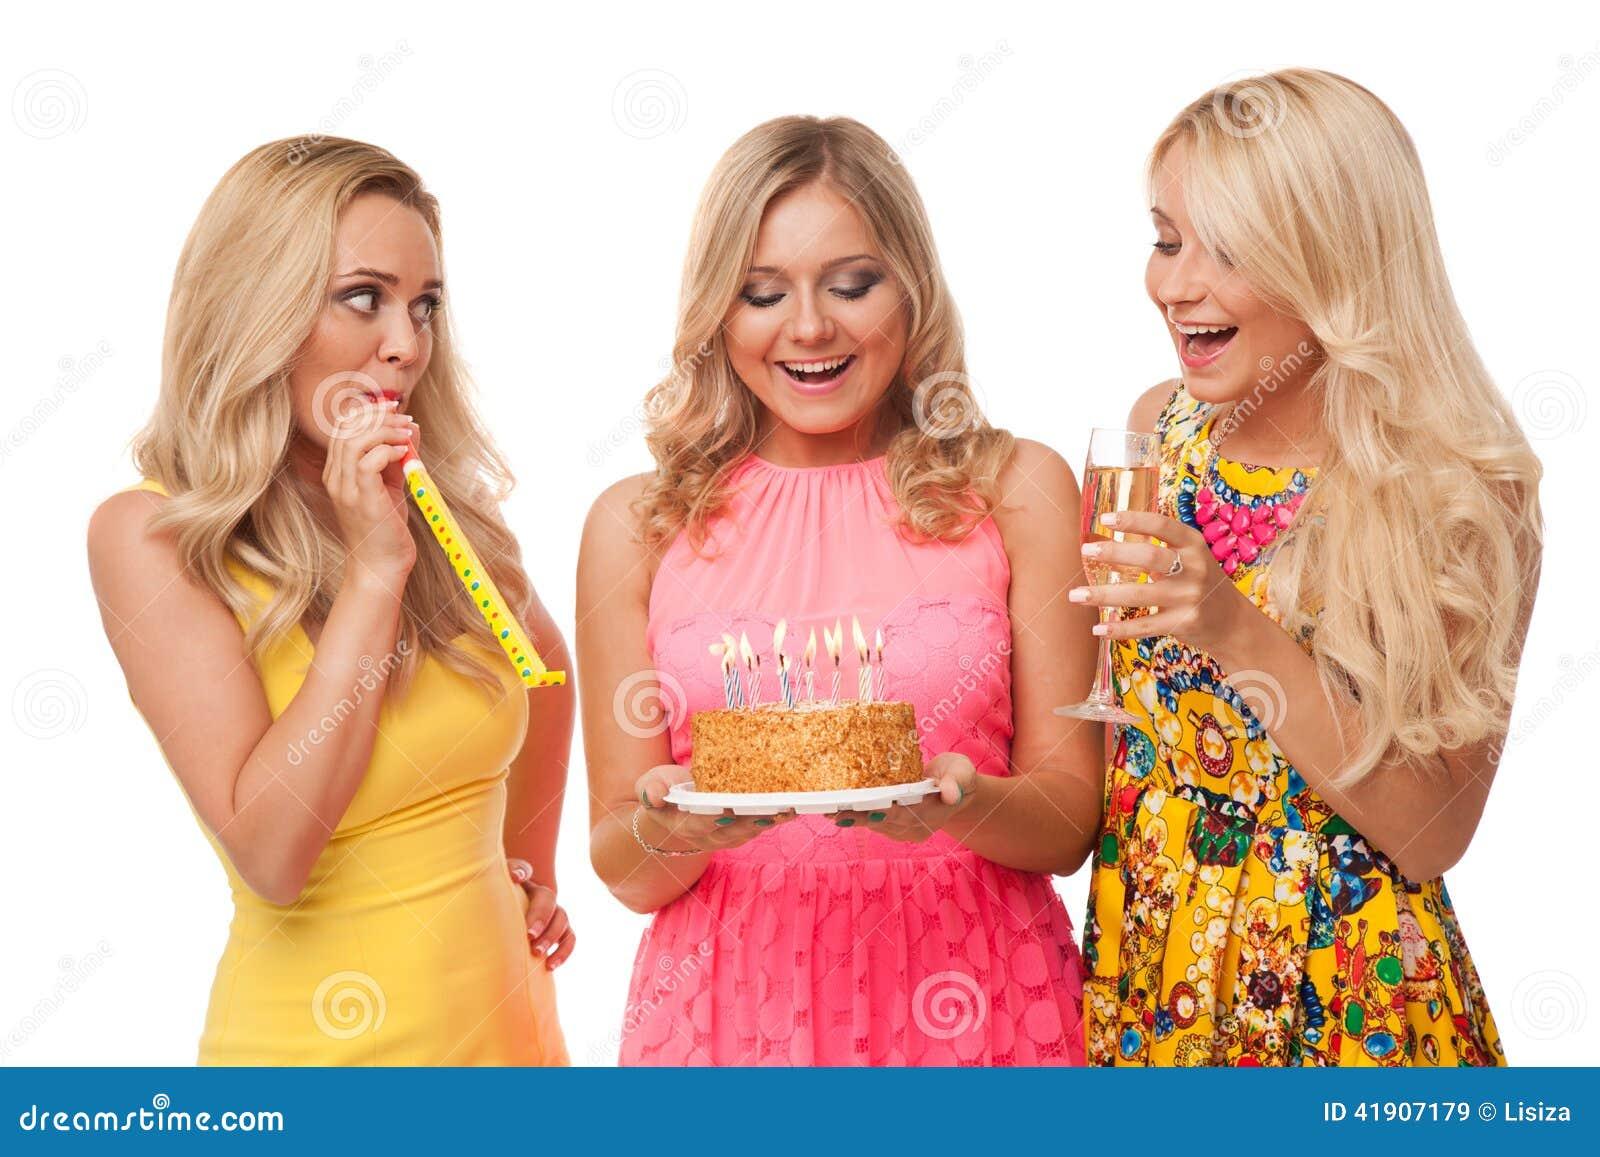 Cumpleaños rubio de la celebración de tres muchachas con la torta y el champán